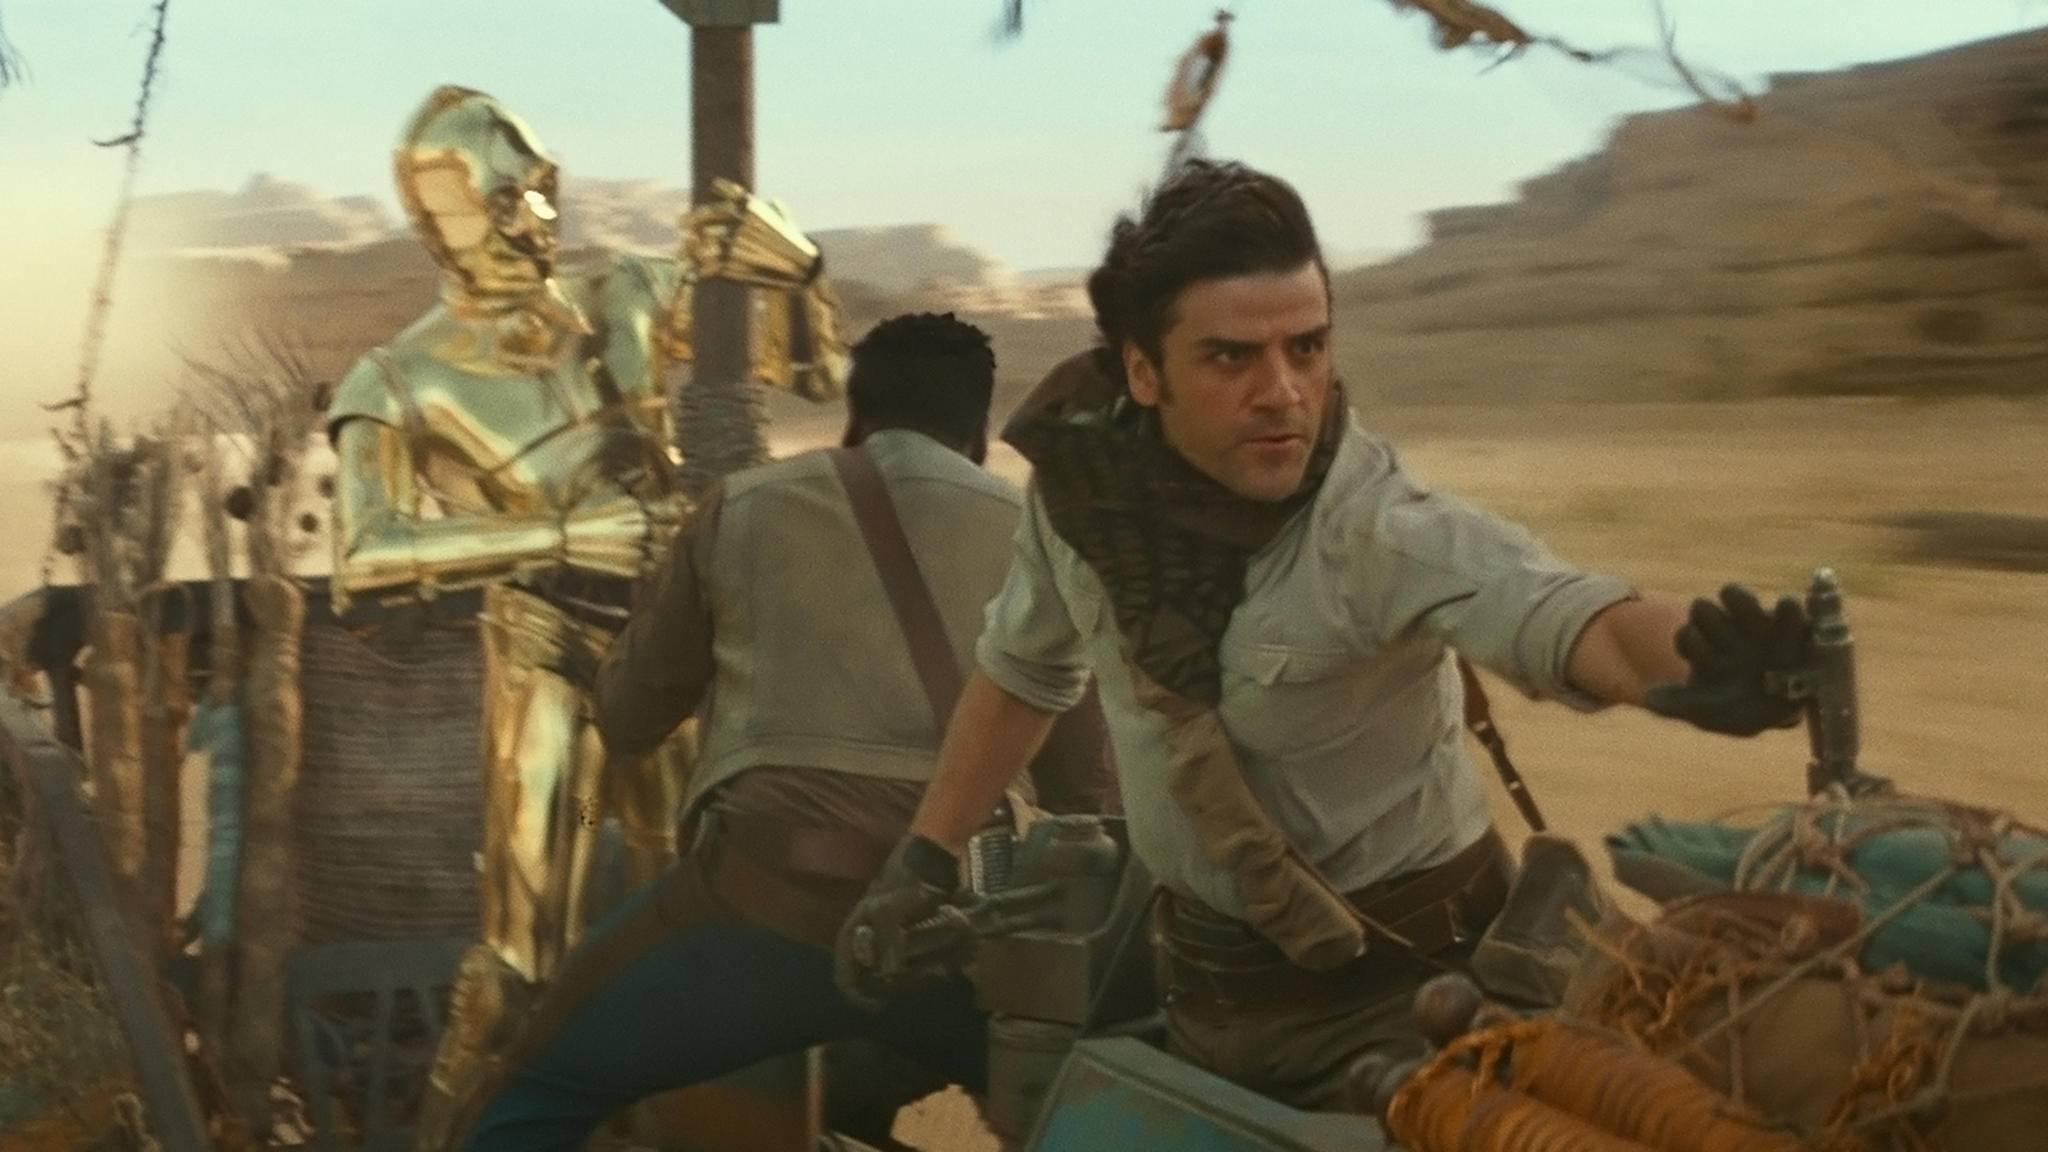 """Mit Volldampf in (Laufzeit-)Führung: """"Der Aufstieg Skywalkers"""" lässt alle anderen """"Star Wars""""-Filme hinter sich."""